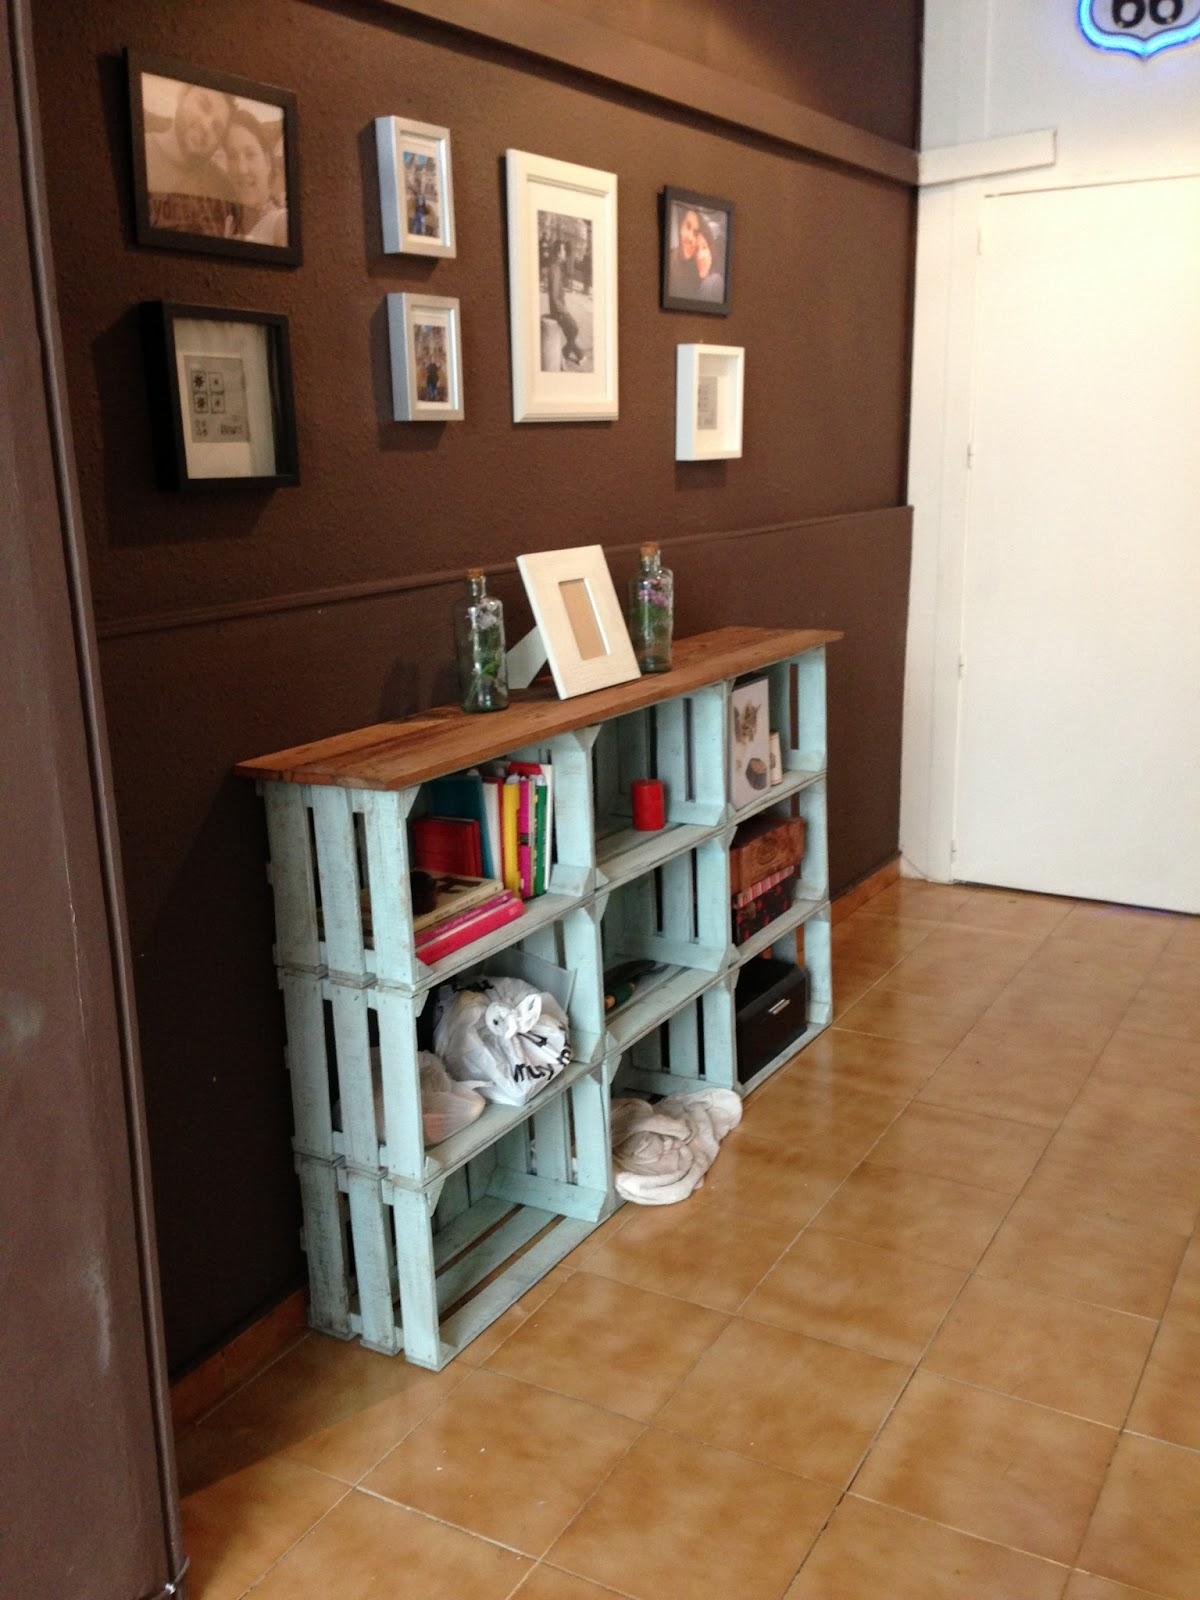 Decorando y renovando diy cajas de fruta para todos - Como decorar cajas de madera de fruta ...